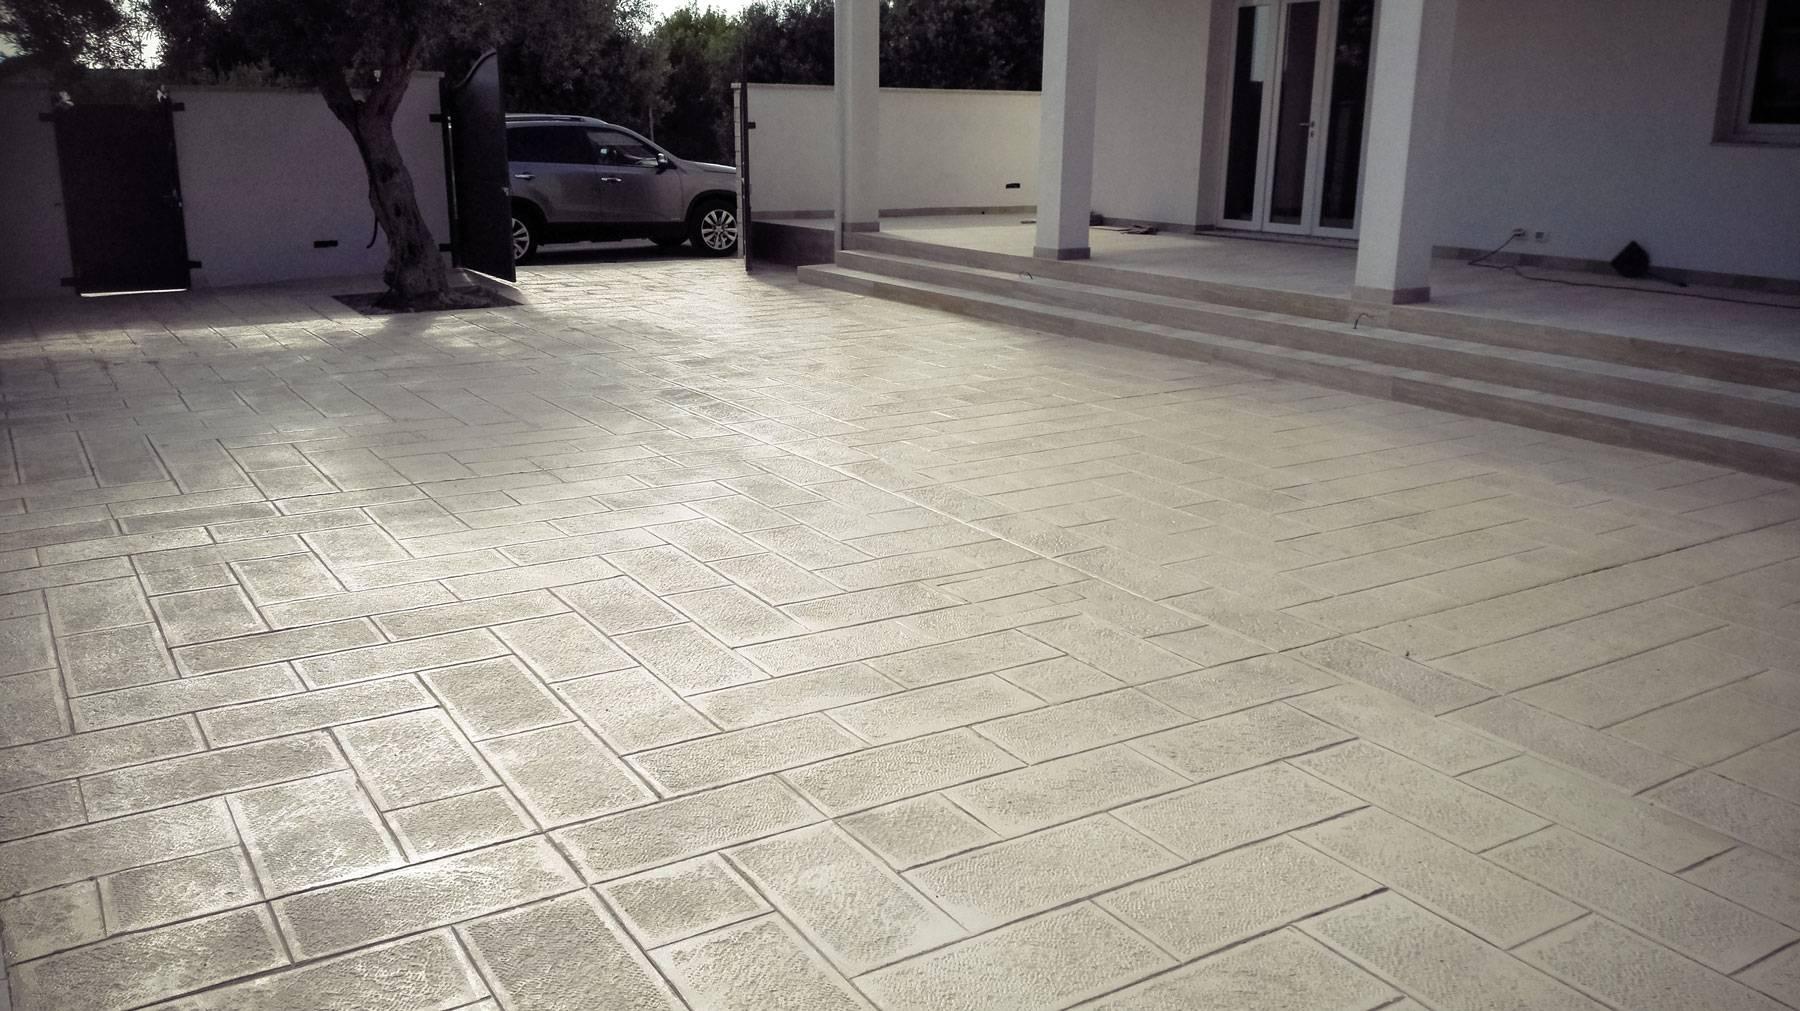 36 spazio esterno villa / Finitura pietra bucciardata / Colore pietra modicana